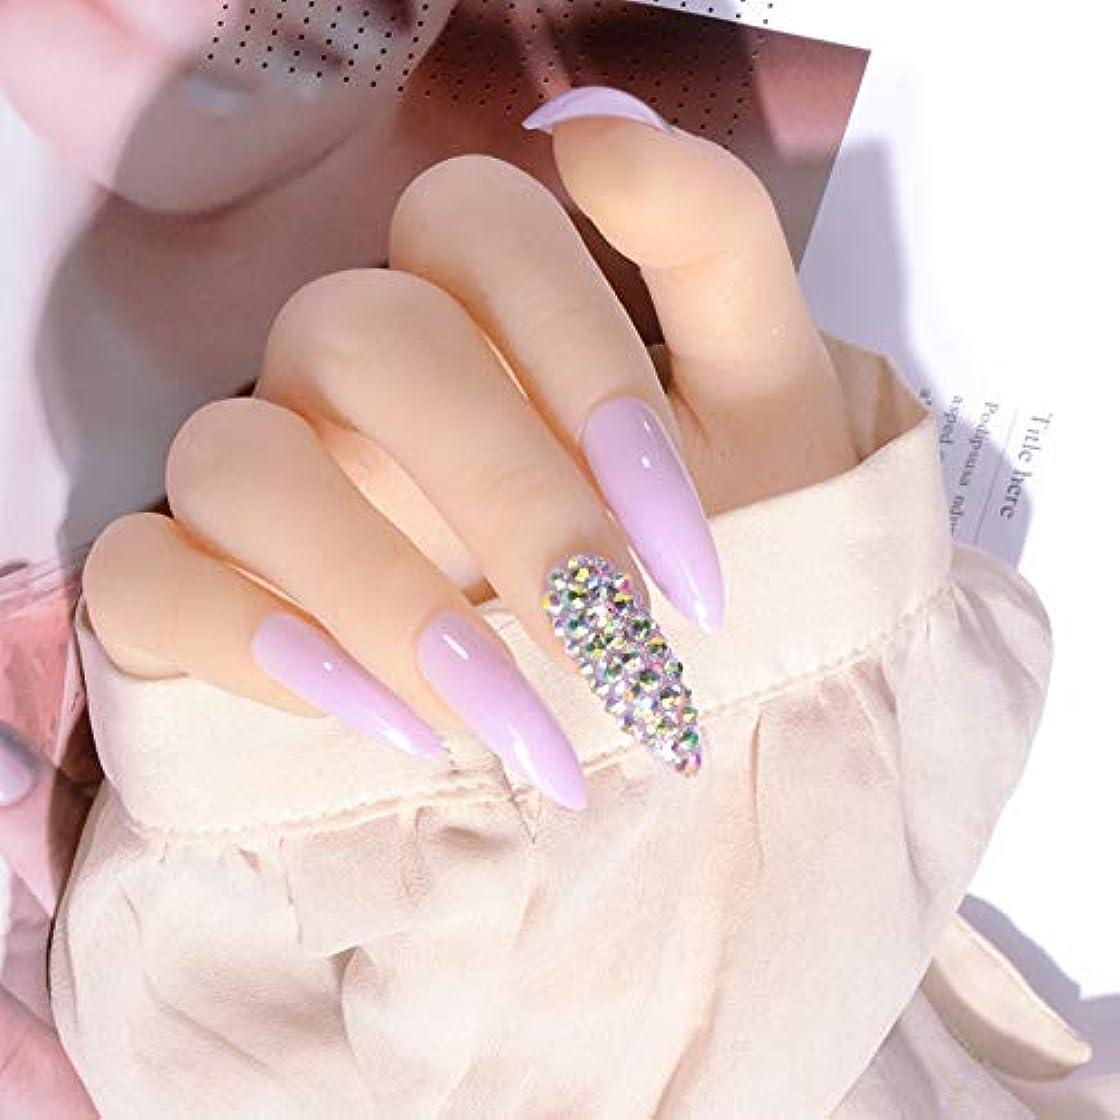 記憶に残る真似る蓄積するXUTXZKA 紫の爪ネイルヴェール偽の爪に長い光沢のあるプレス